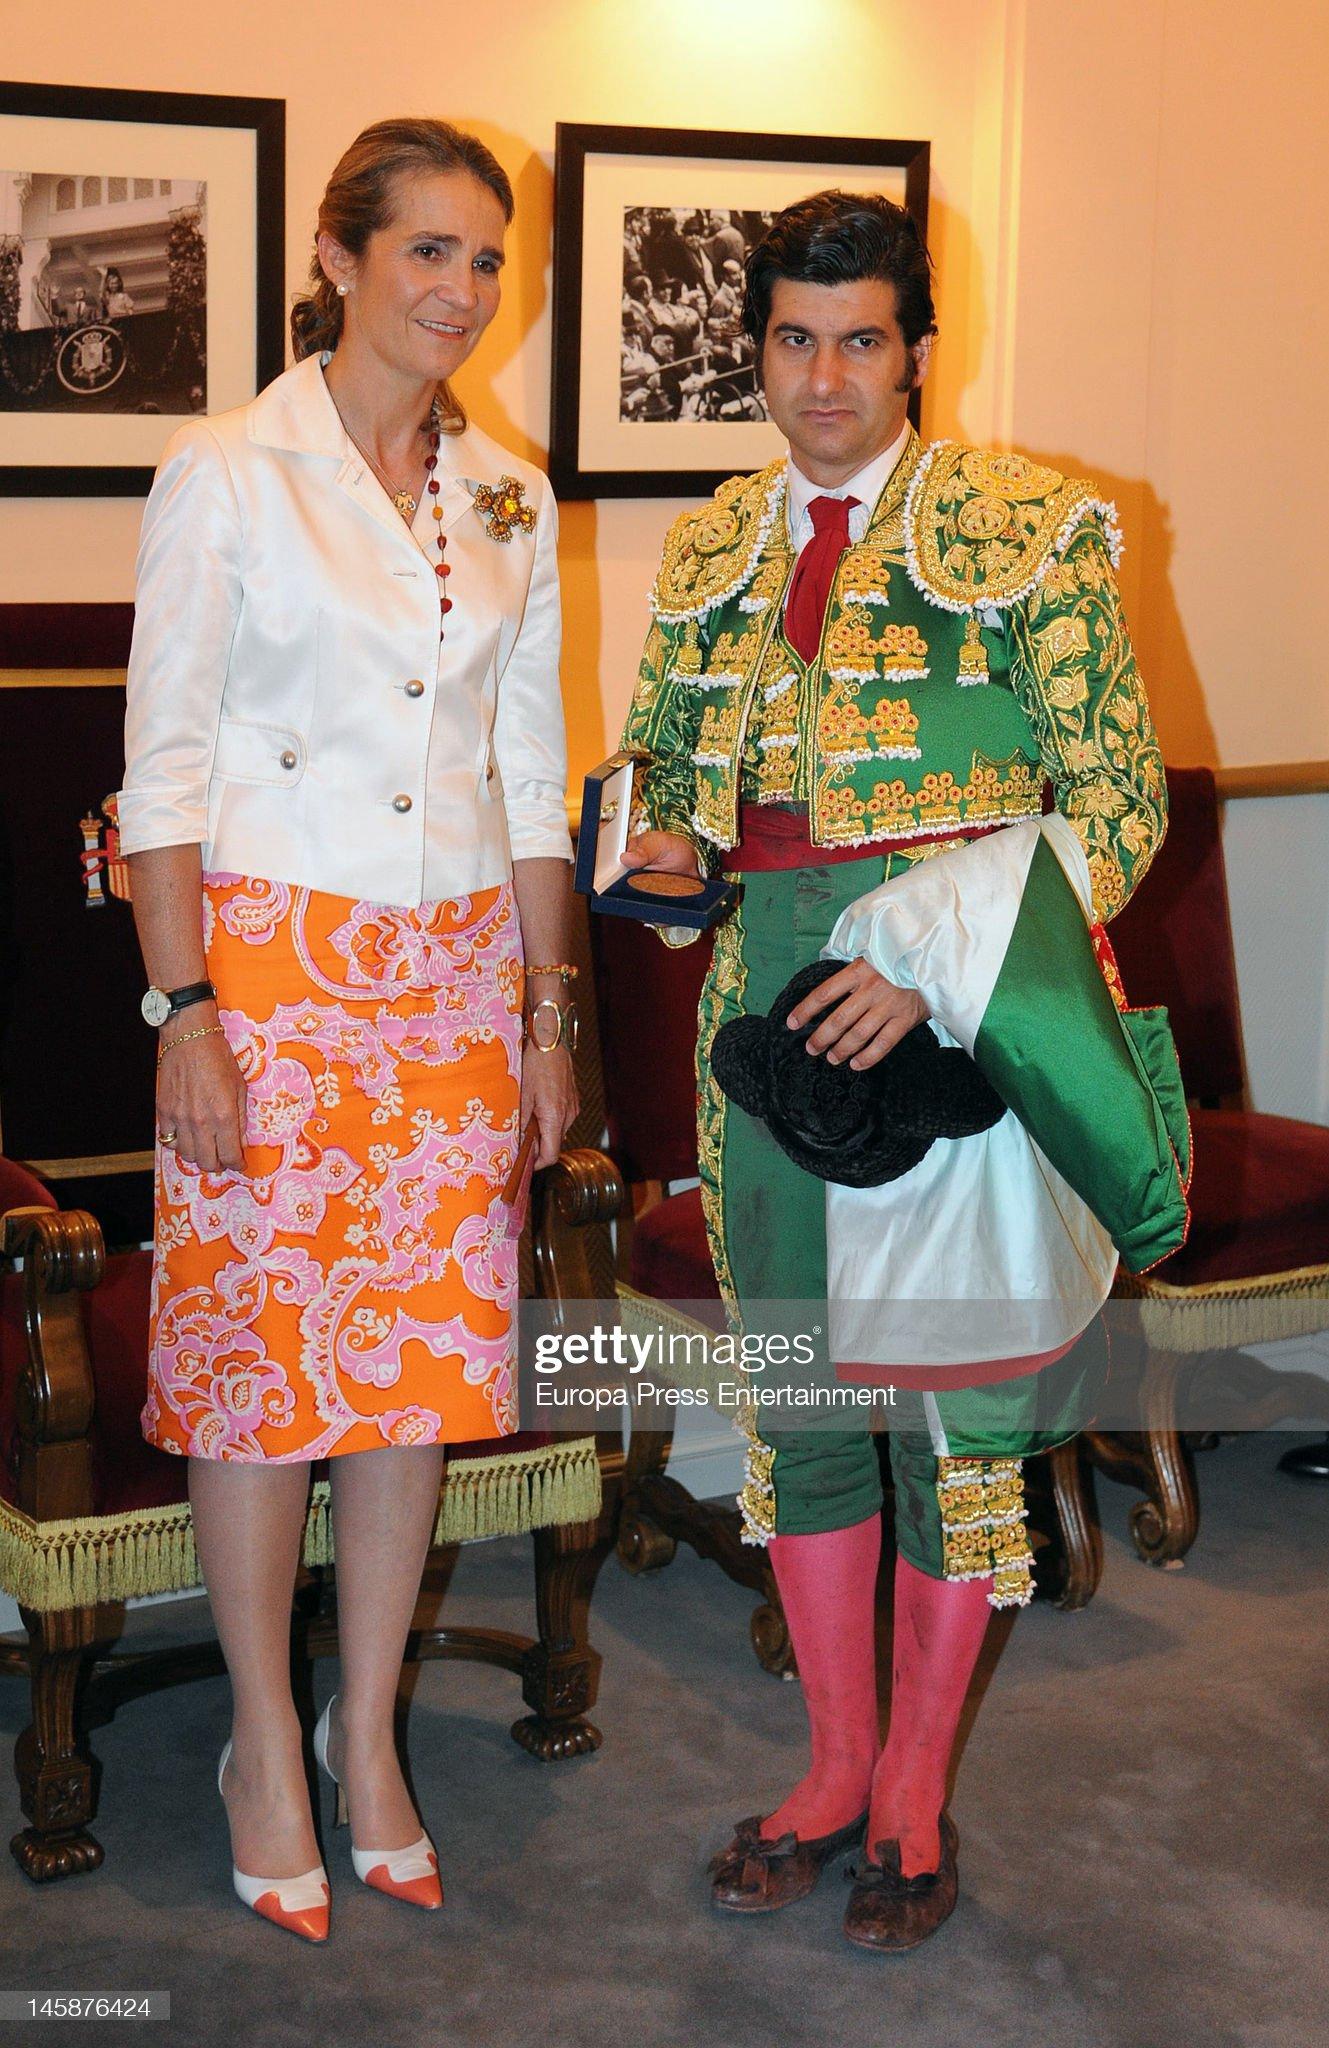 Una foto de Morante cada día - Página 19 Princess-elena-and-morante-de-la-puebla-attend-beneficiencia-at-de-picture-id145876424?s=2048x2048